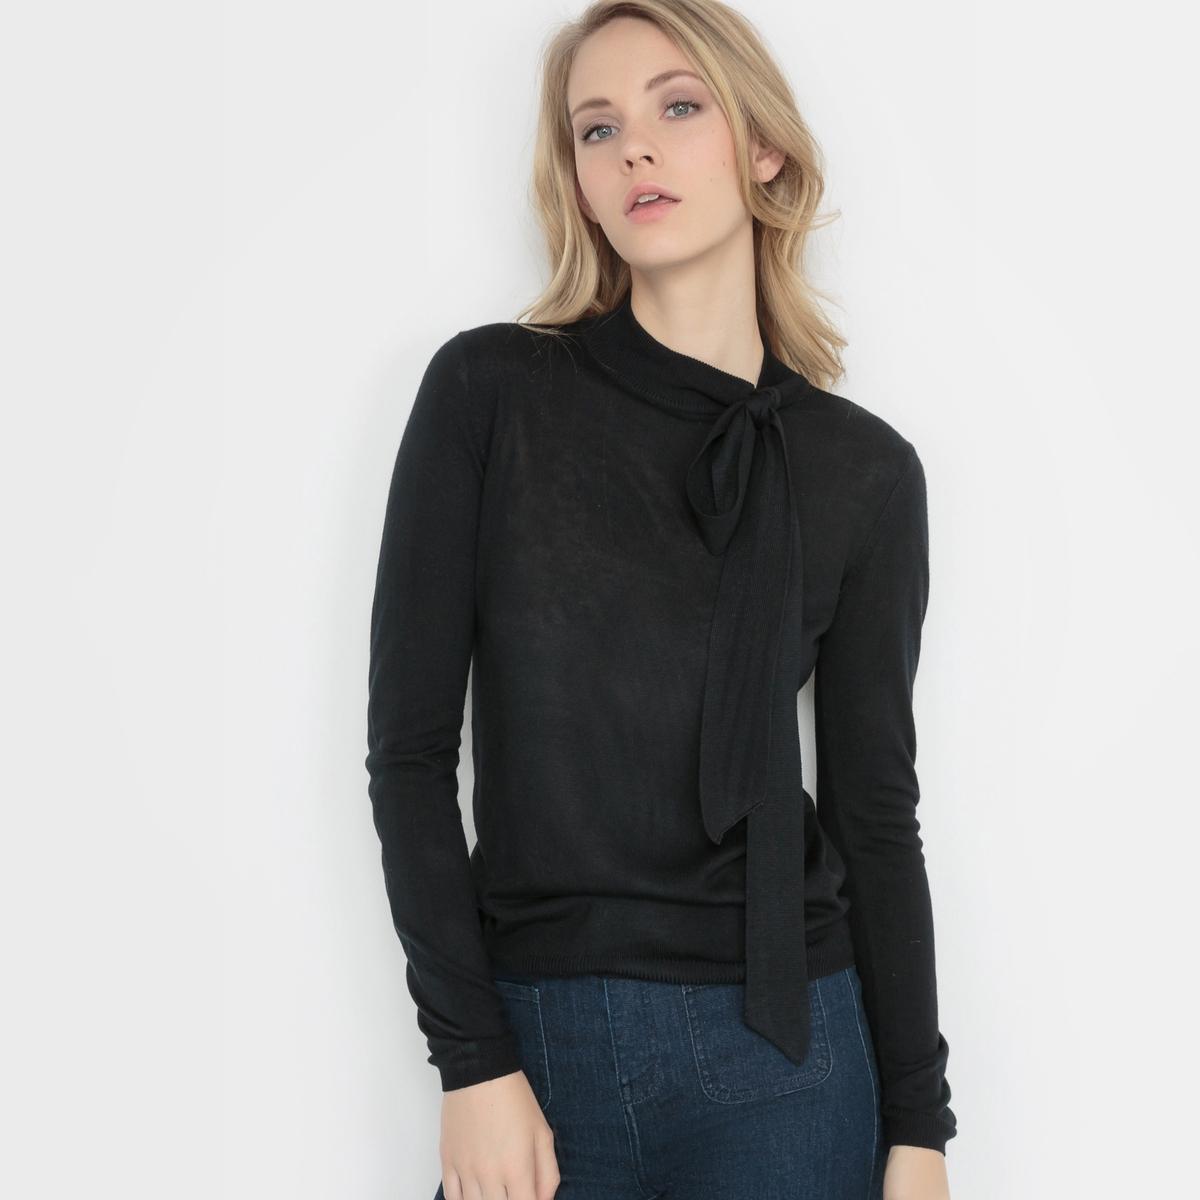 Пуловер из трикотажа мелкой вязки с завязками на вырезеСостав и описаниеМатериал: 50% акрила, 50% вискозы.Длина: 58 см.Марка: R Edition. УходСтирать при 30°С с вещами подобных цветов.<br><br>Цвет: черный<br>Размер: 42/44 (FR) - 48/50 (RUS)